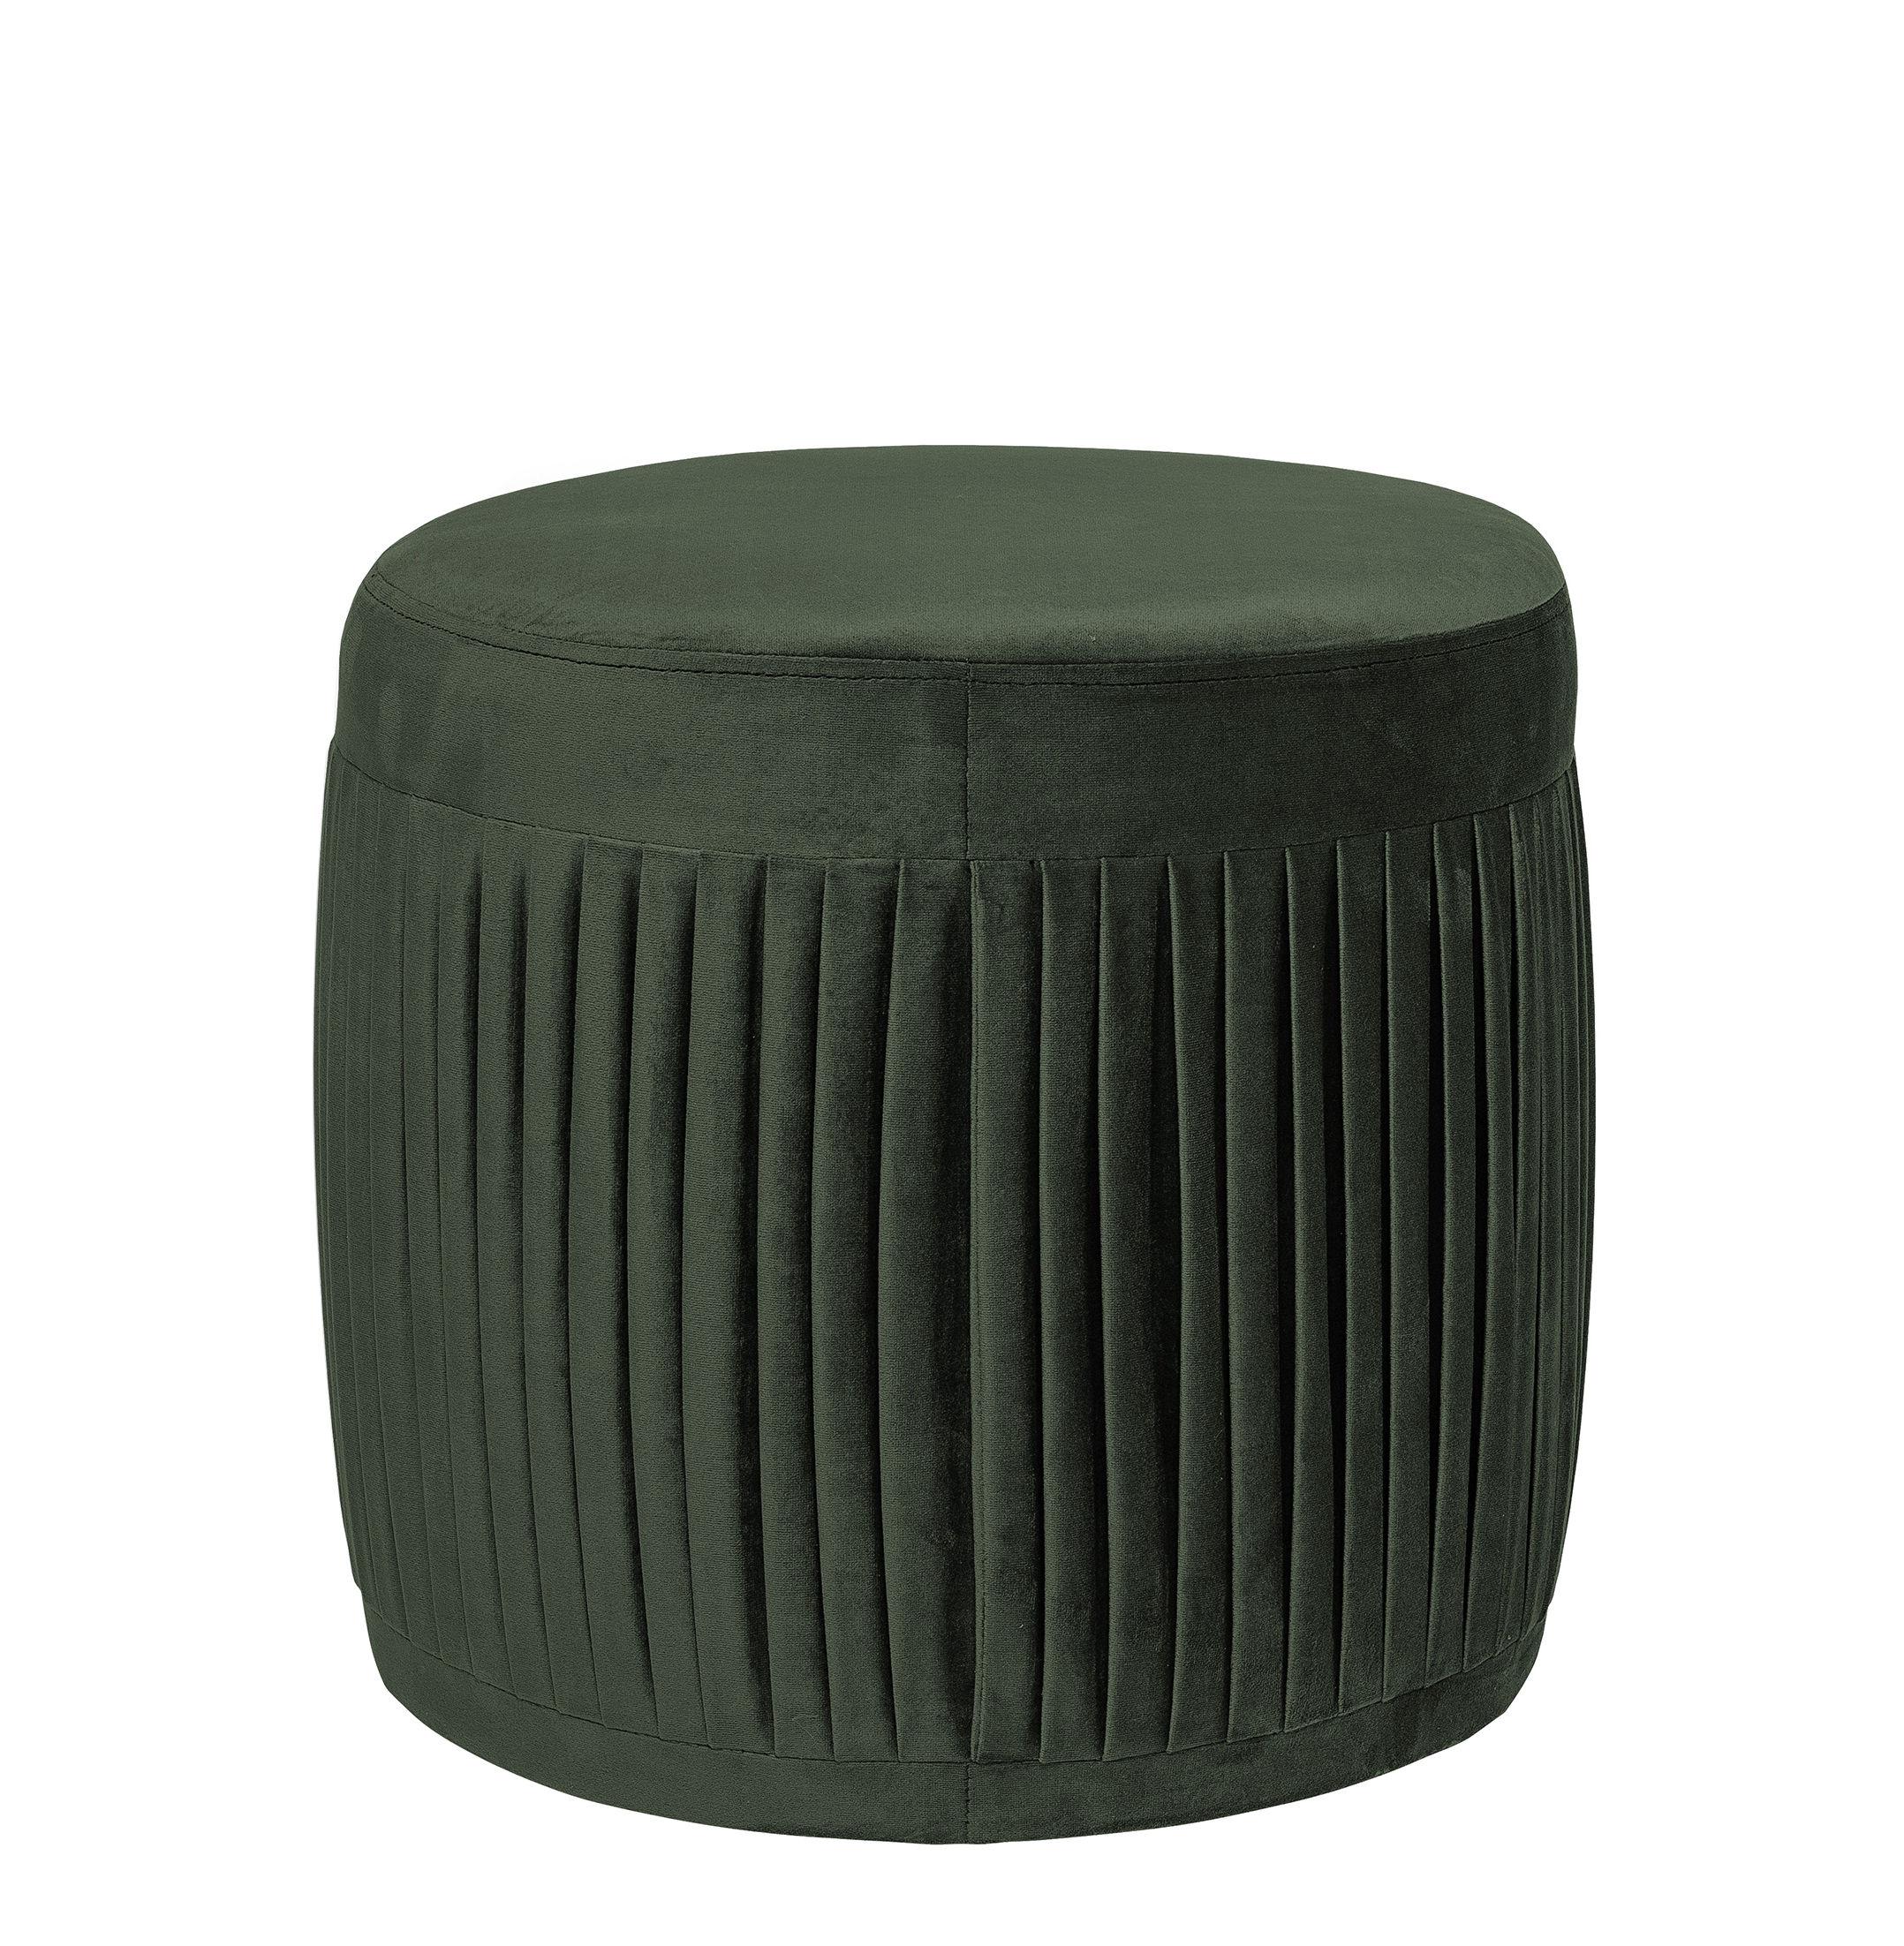 Mobilier - Poufs - Pouf Pleat / Velours plissé - Ø 40 x H 40 cm - Bloomingville - Vert foncé - Velours 100% polyester